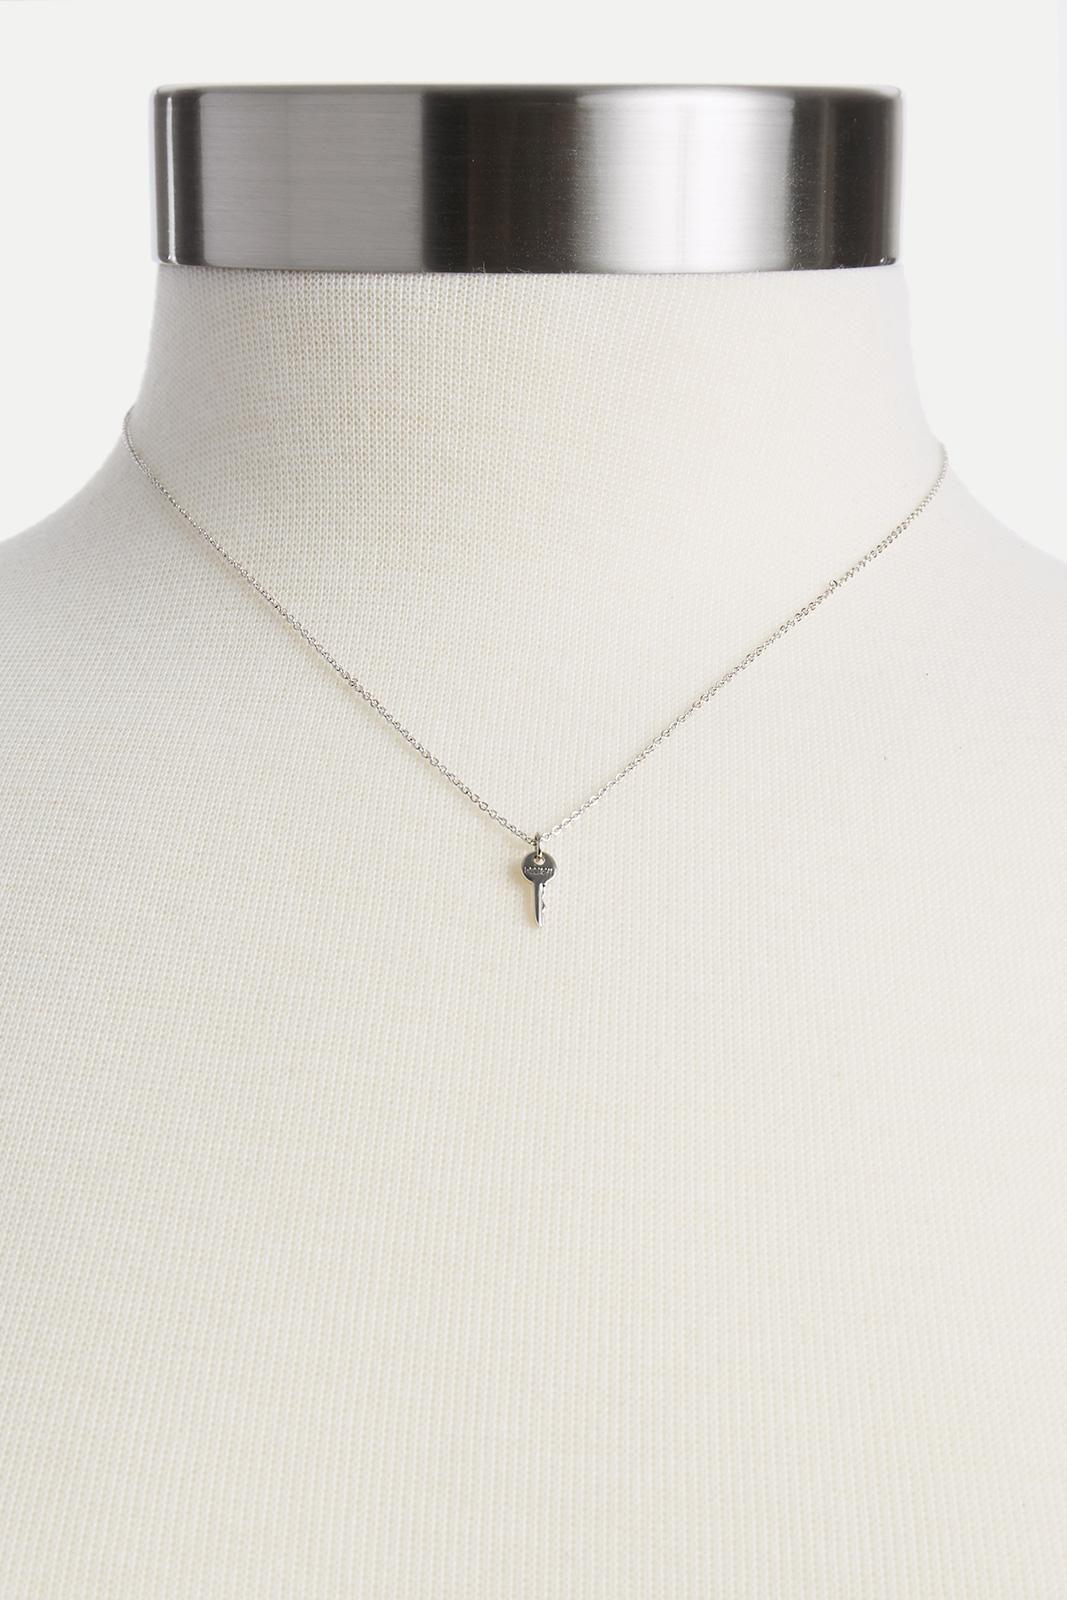 mini key pendant # 5